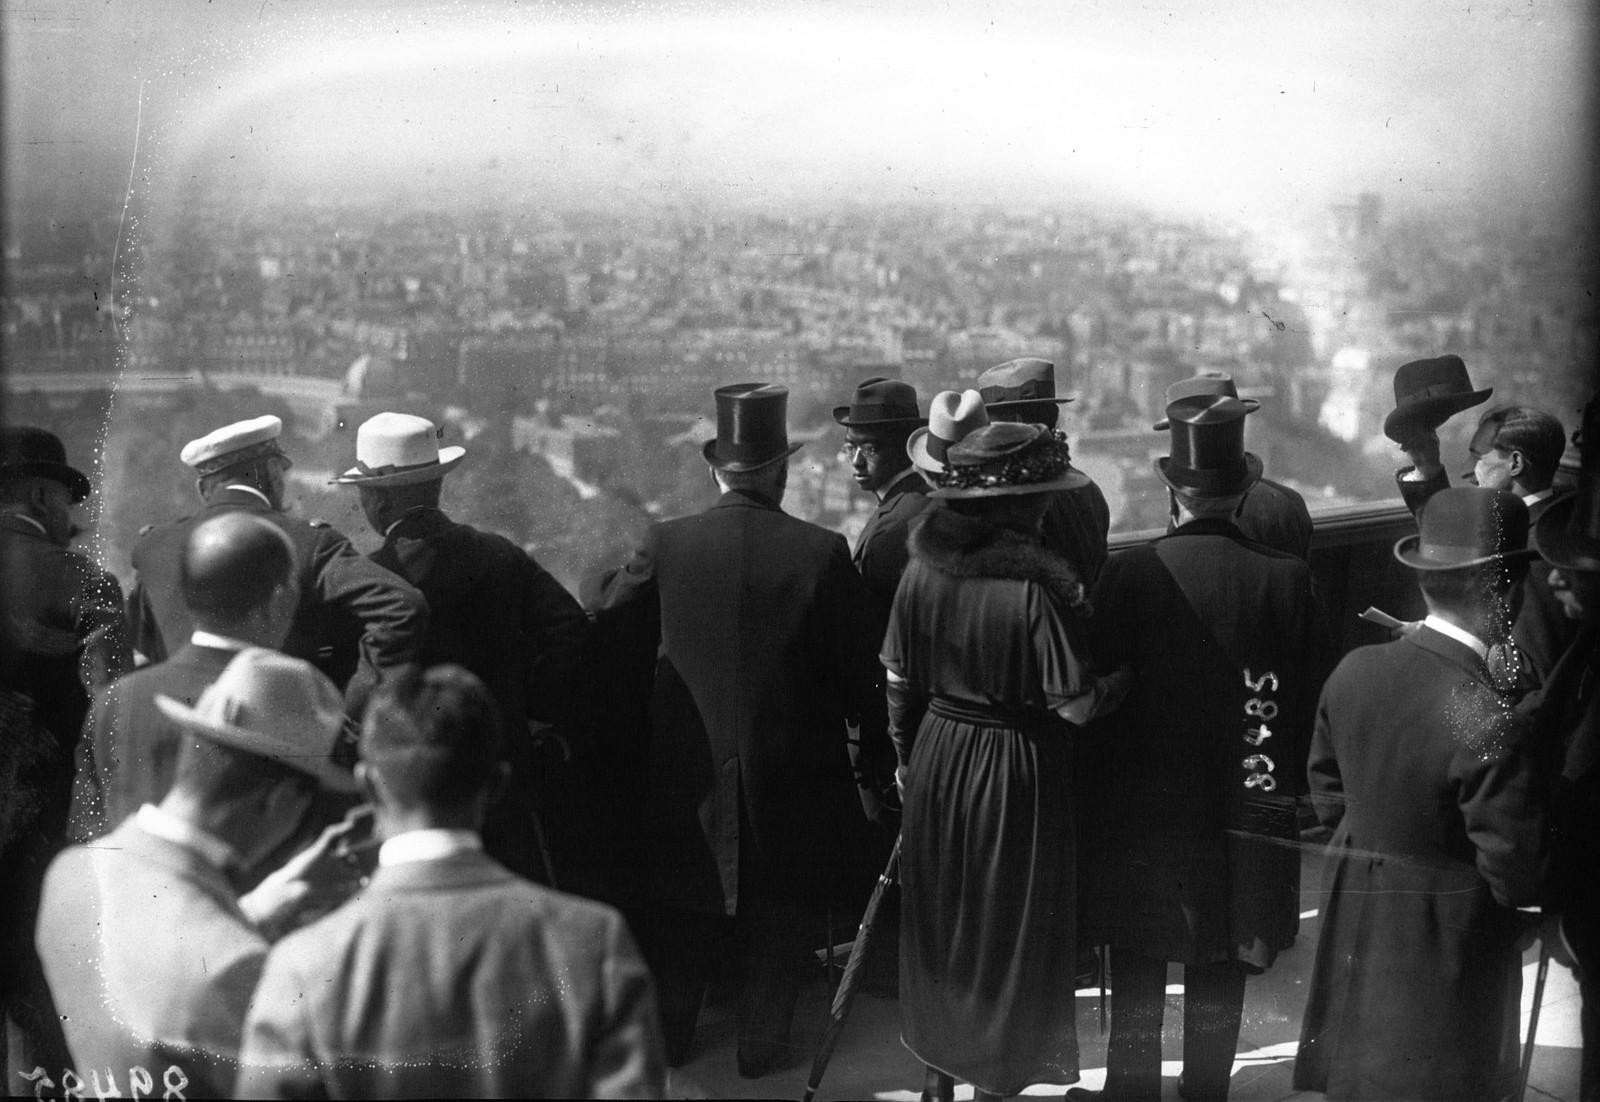 02. 1921. Посещение принцем Хирохито Эйфелевой башни. Принц на второй платформе, смотрит на Париж